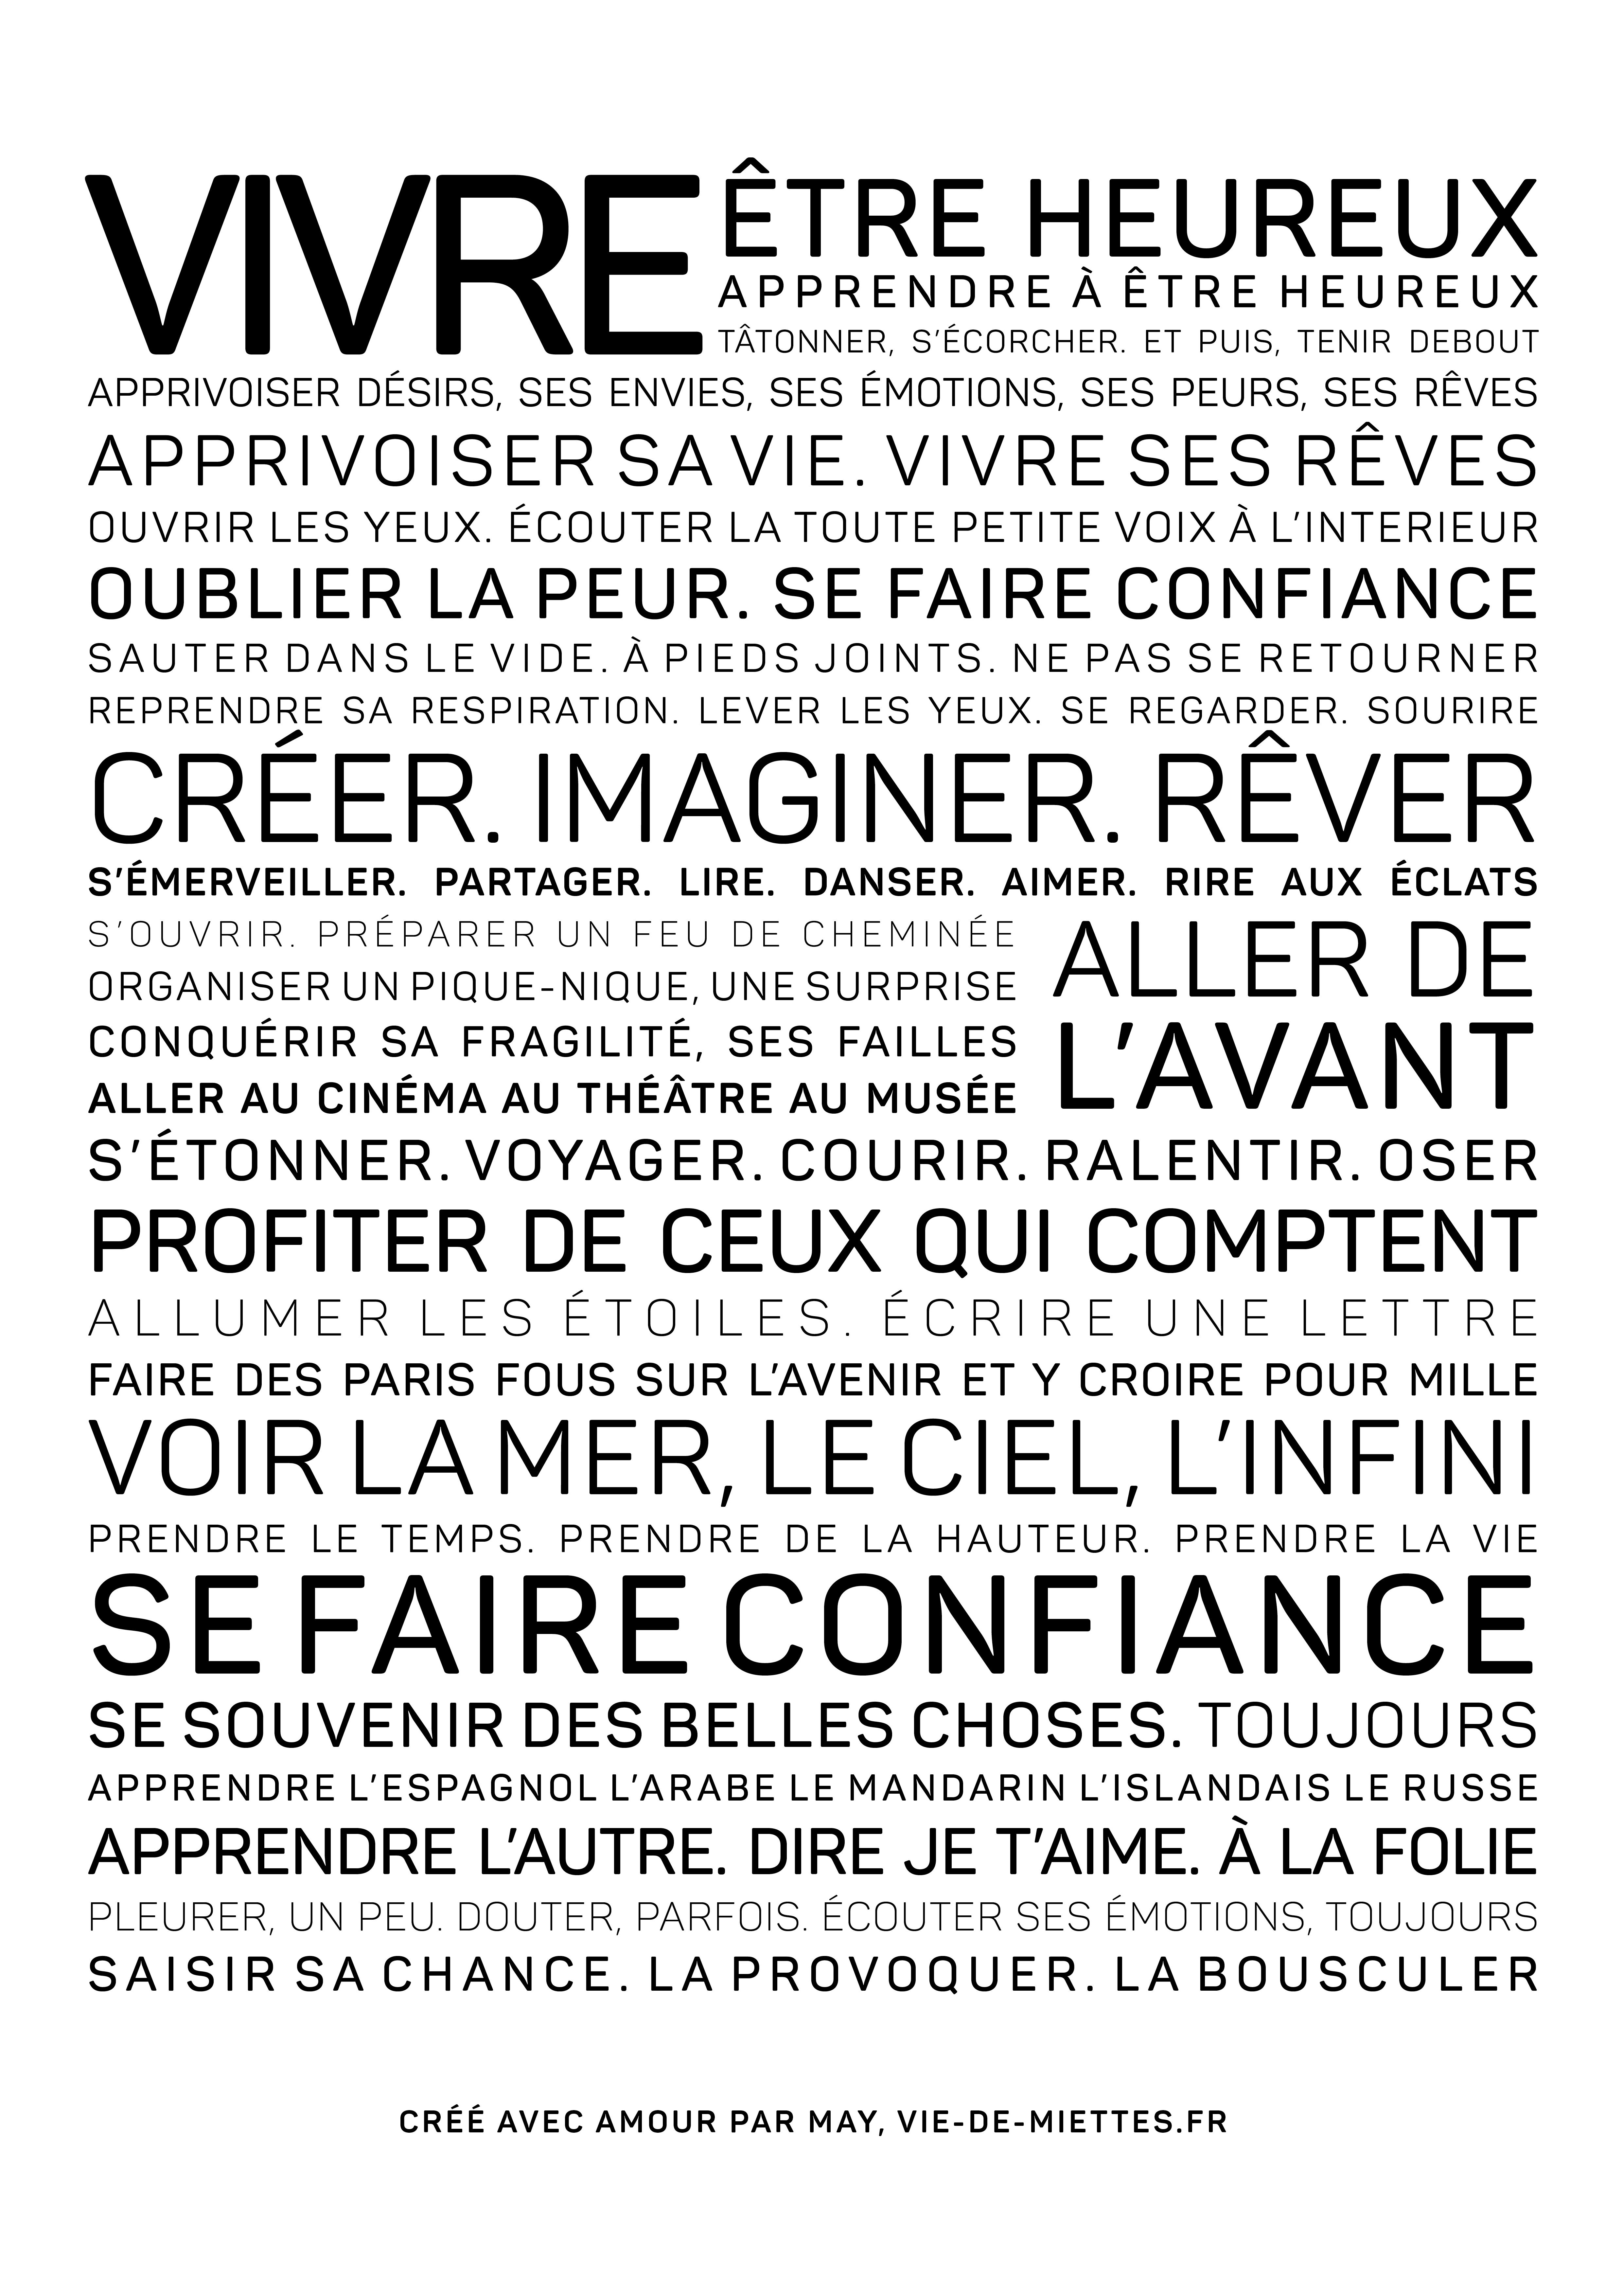 Affiche Vivre